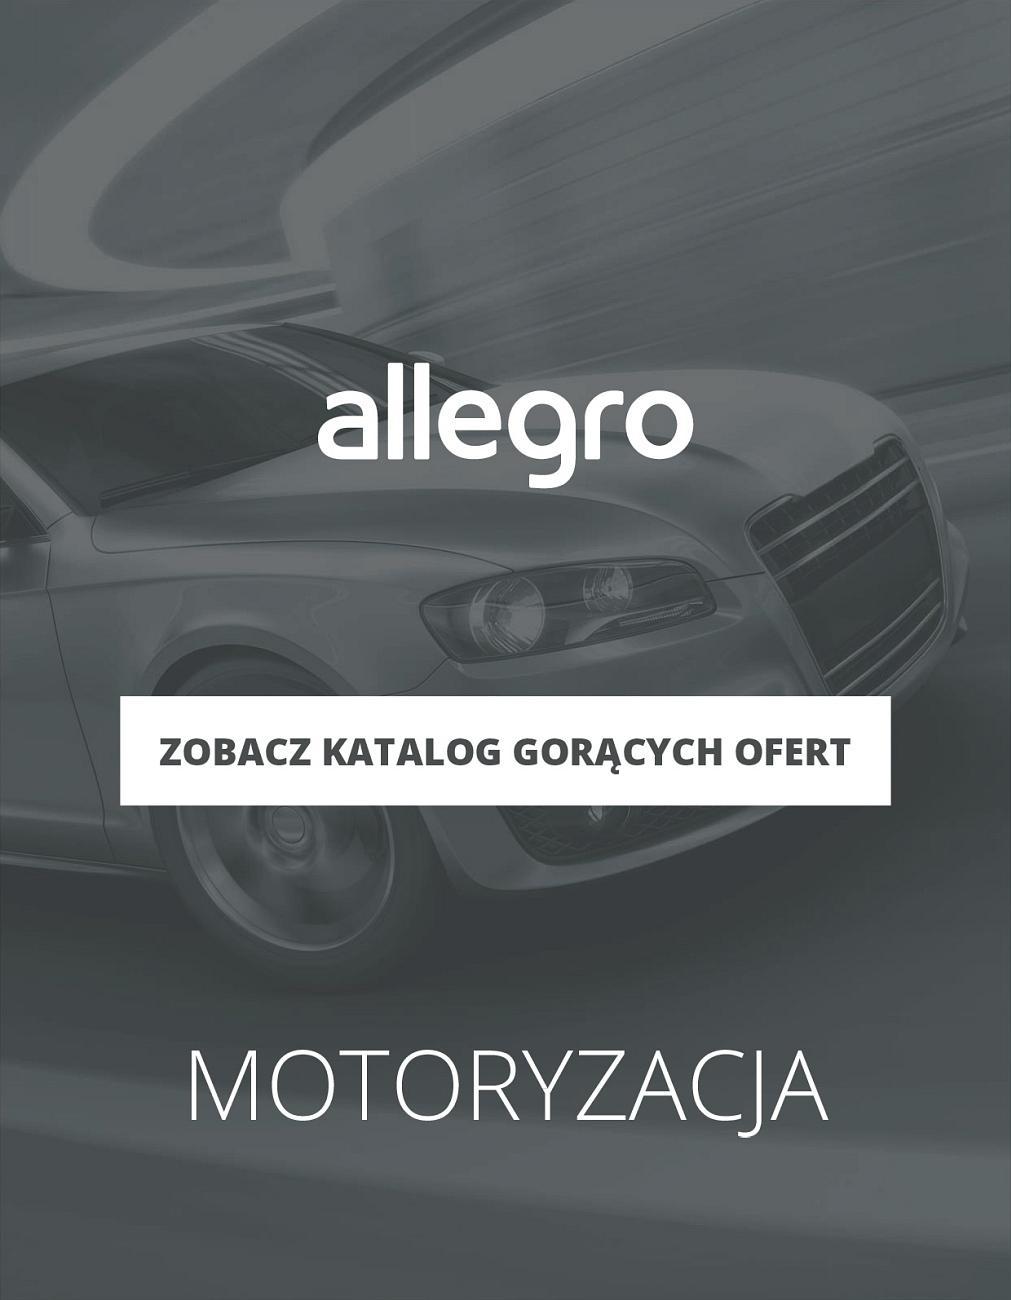 Gazetka promocyjna Allegro do 31/05/2018 str.1